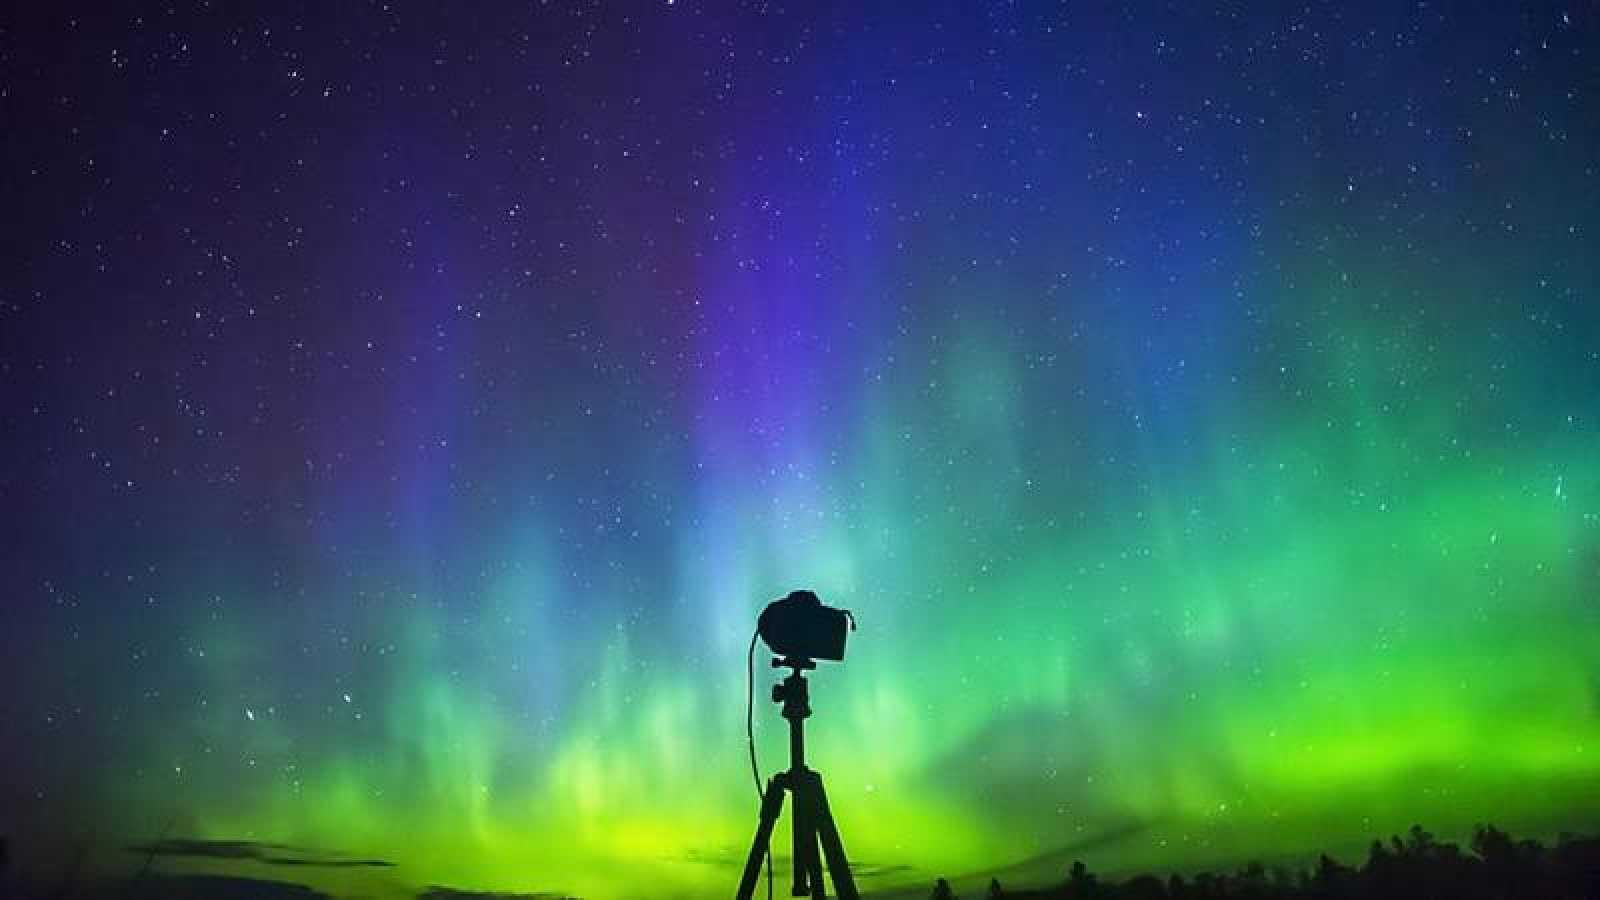 Las perturbaciones del campo magnético de la Tierra generadas por el ciclo solar originan auroras boreales a diferentes latitudes.